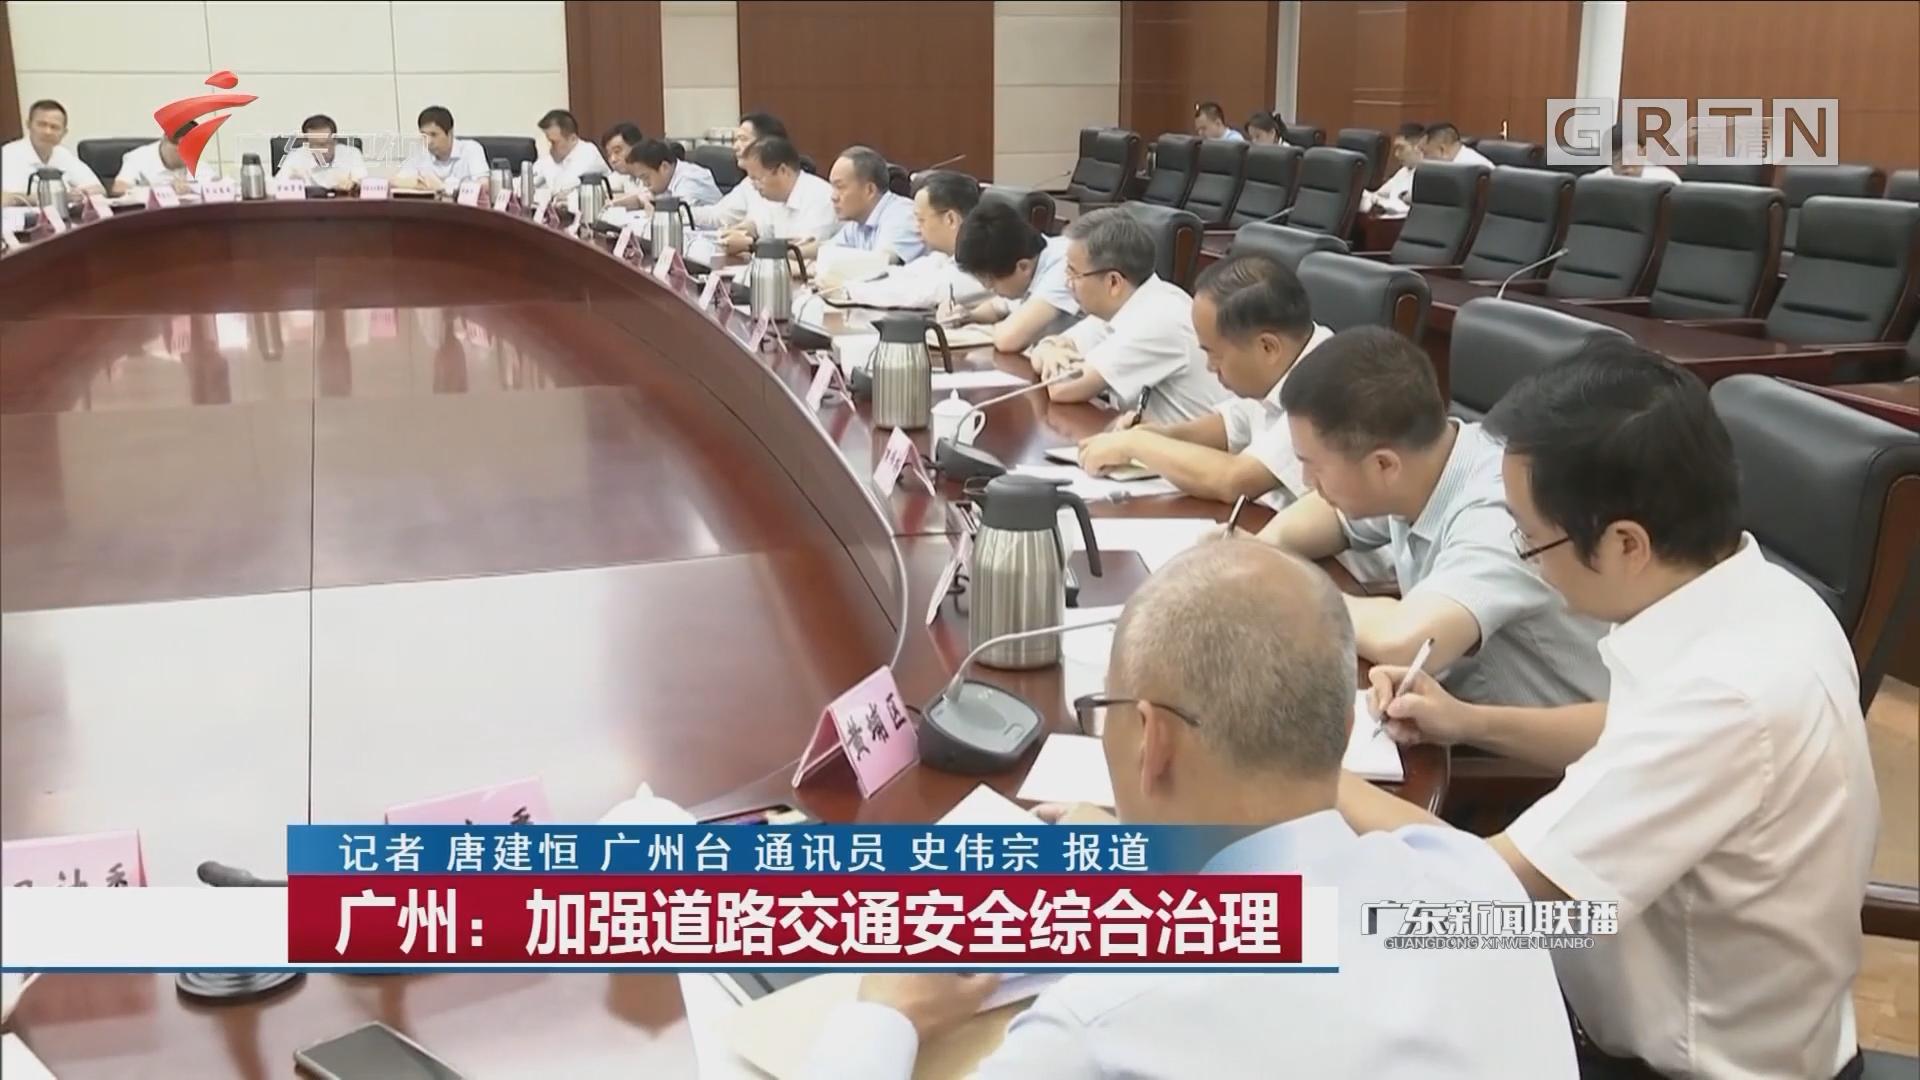 广州:加强道路交通安全综合治理